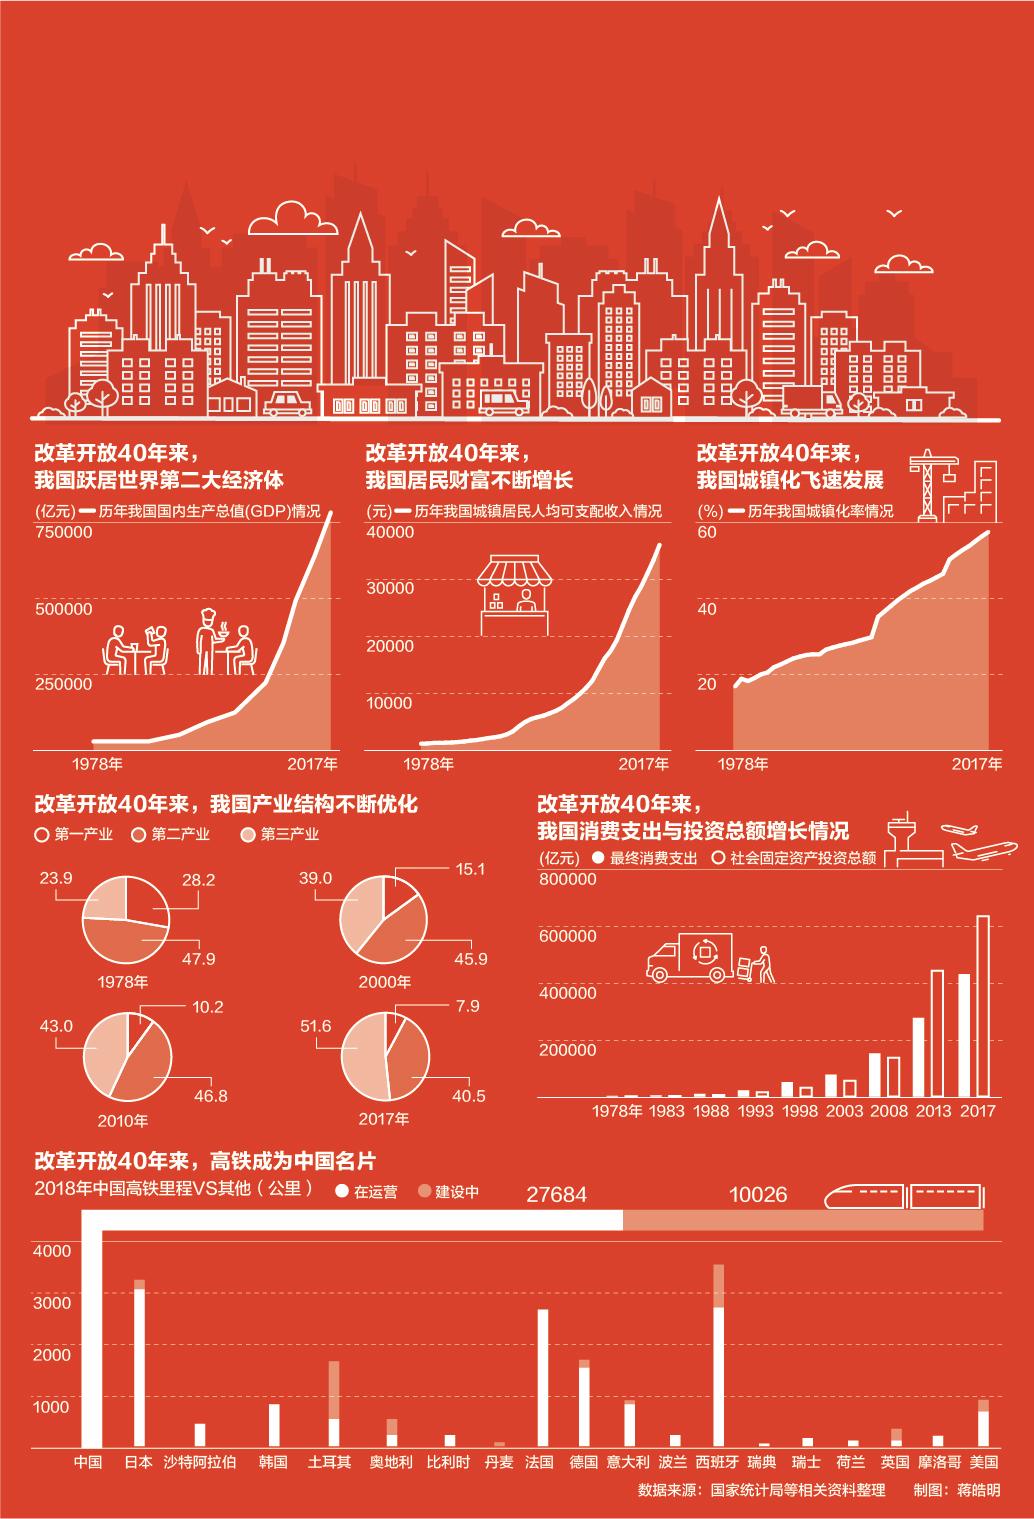 数说中国改革开放40周年(制图:第一财经)